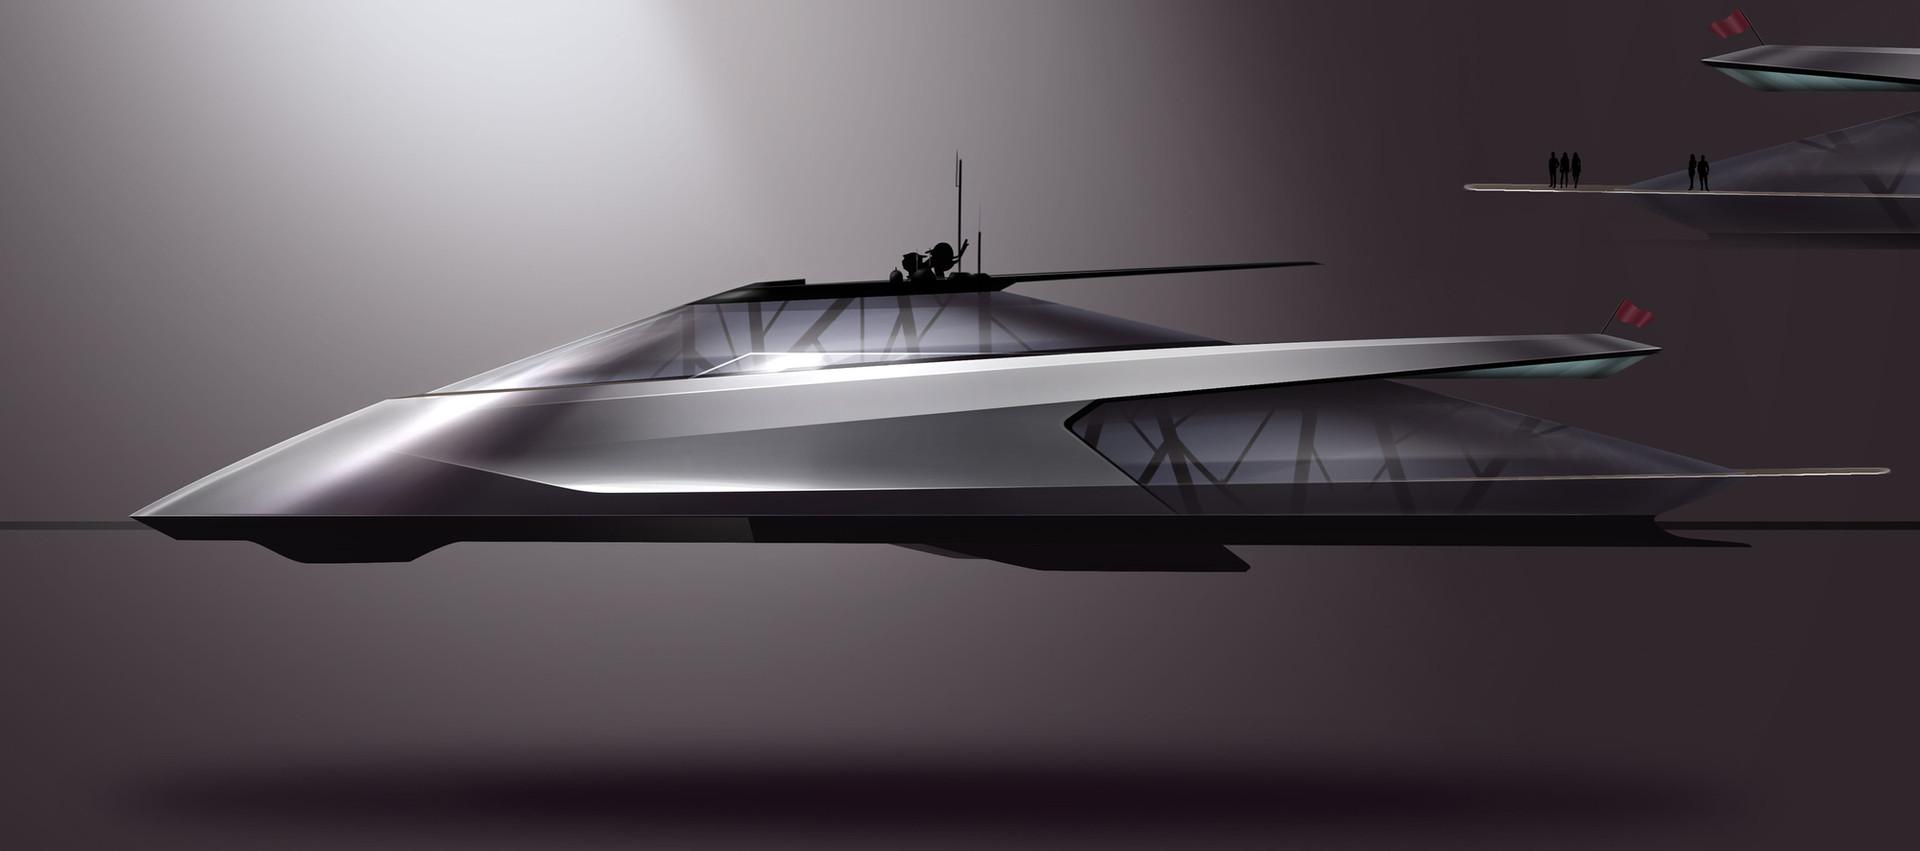 yacht_pag4.jpg